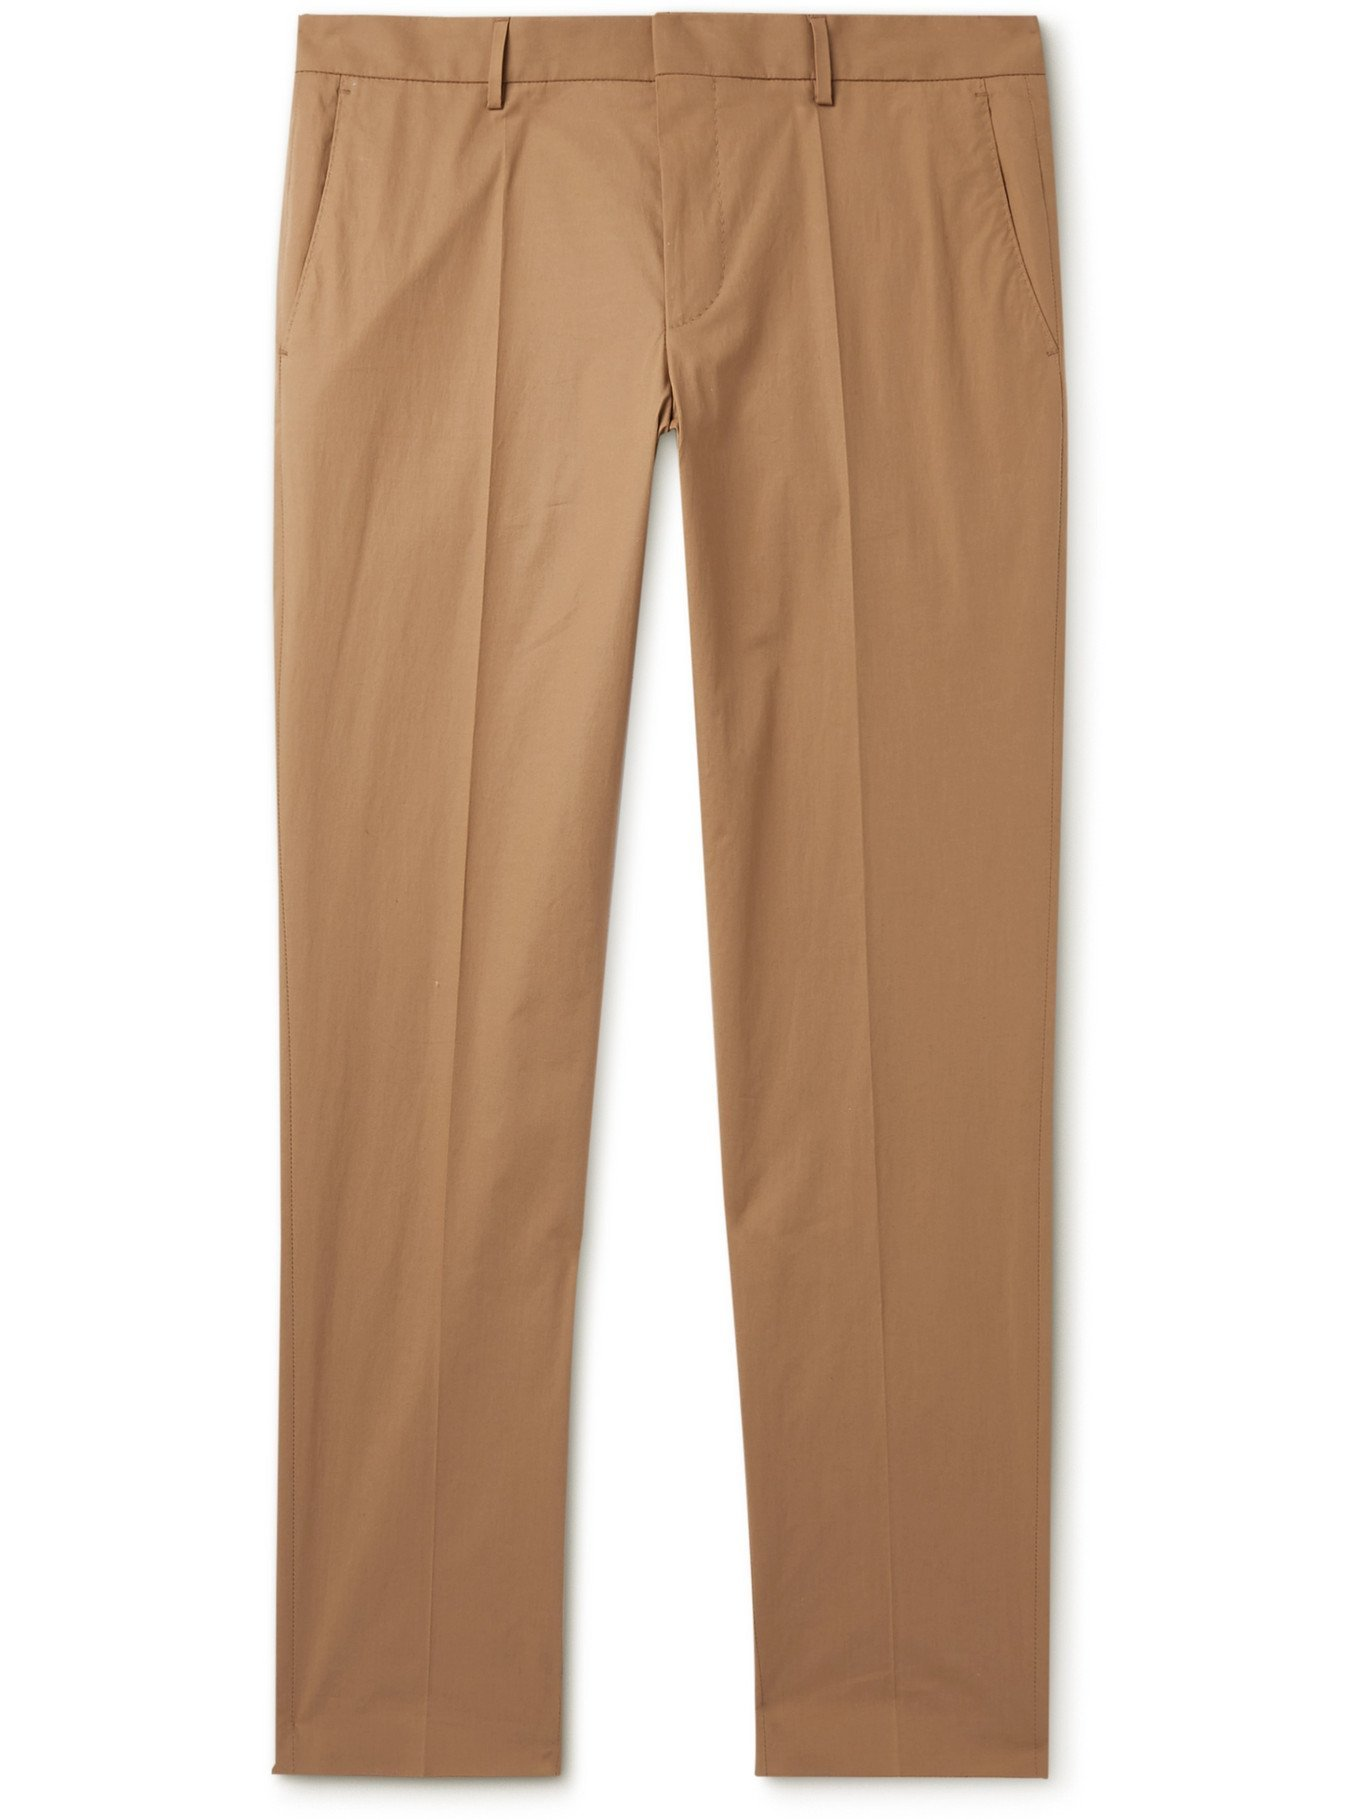 HUGO BOSS - Slim-Fit Stretch-Cotton Suit Trousers - Neutrals